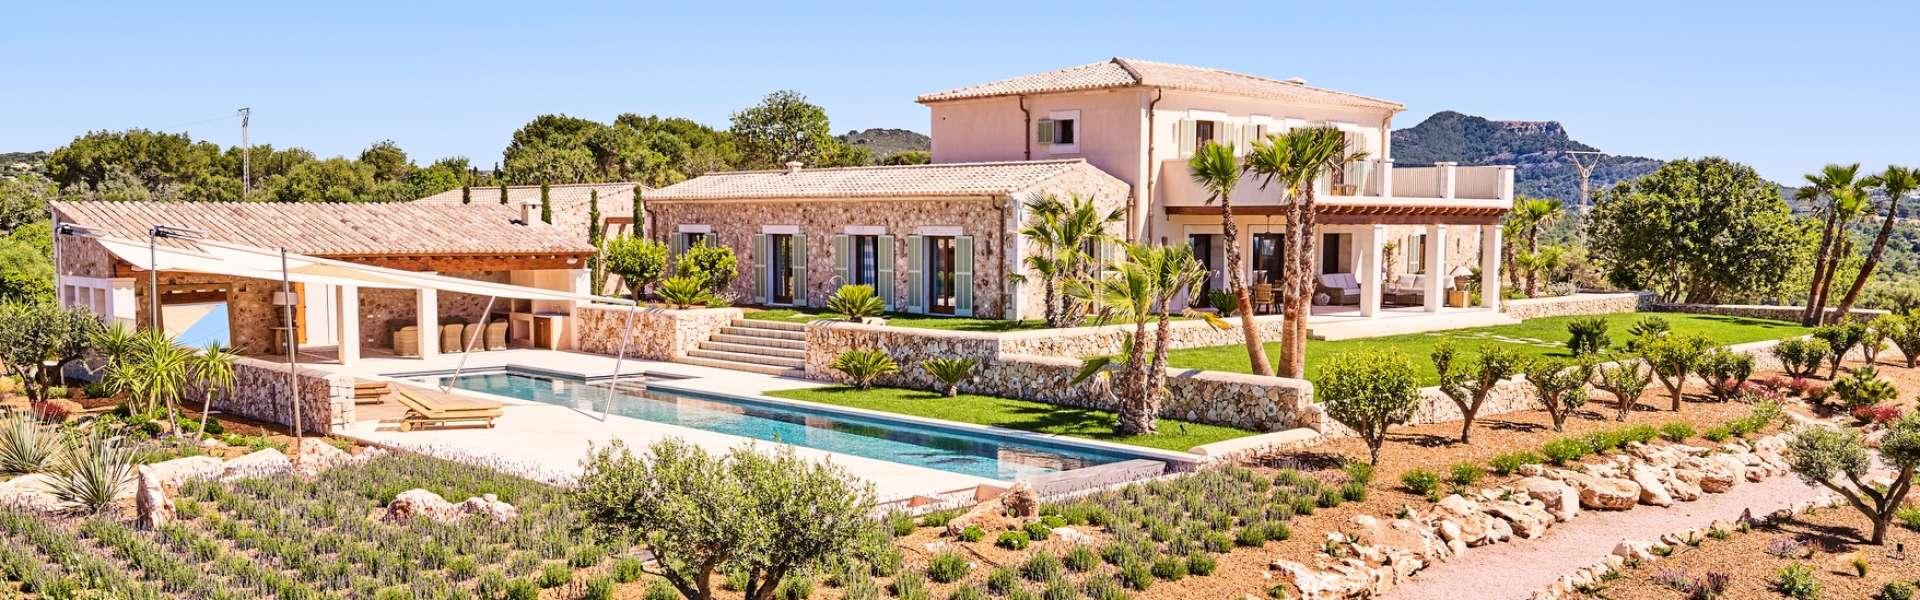 Montemar S.L. Bauprojekte auf den schönsten Anwesen auf Mallorca